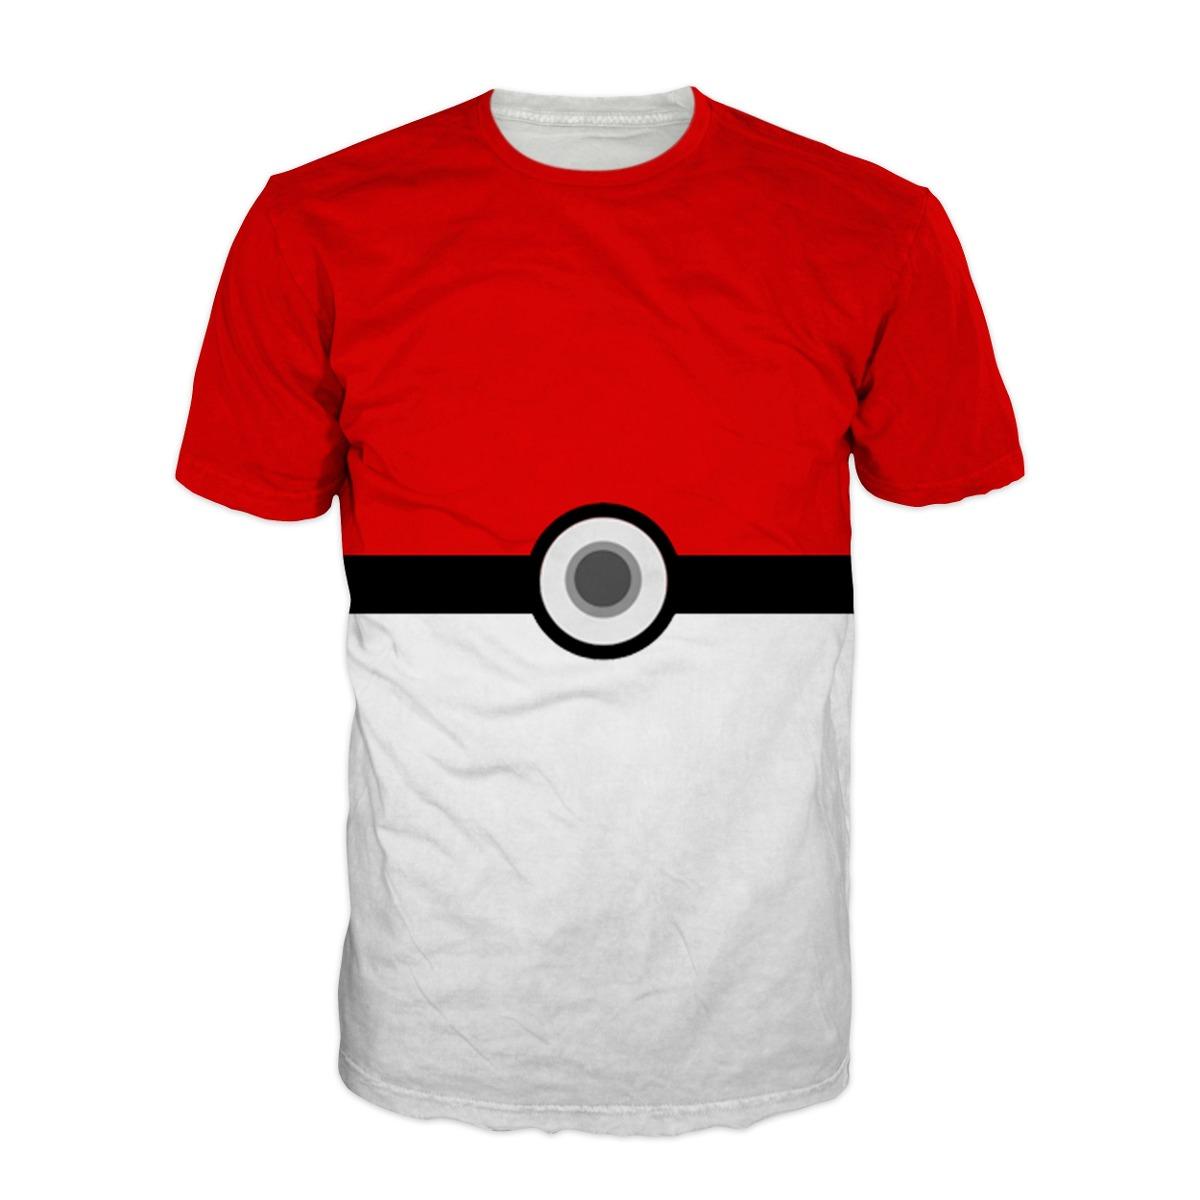 Camisa Nerd Pokemon - Camiseta Geek Pokeball Pokebola Ash